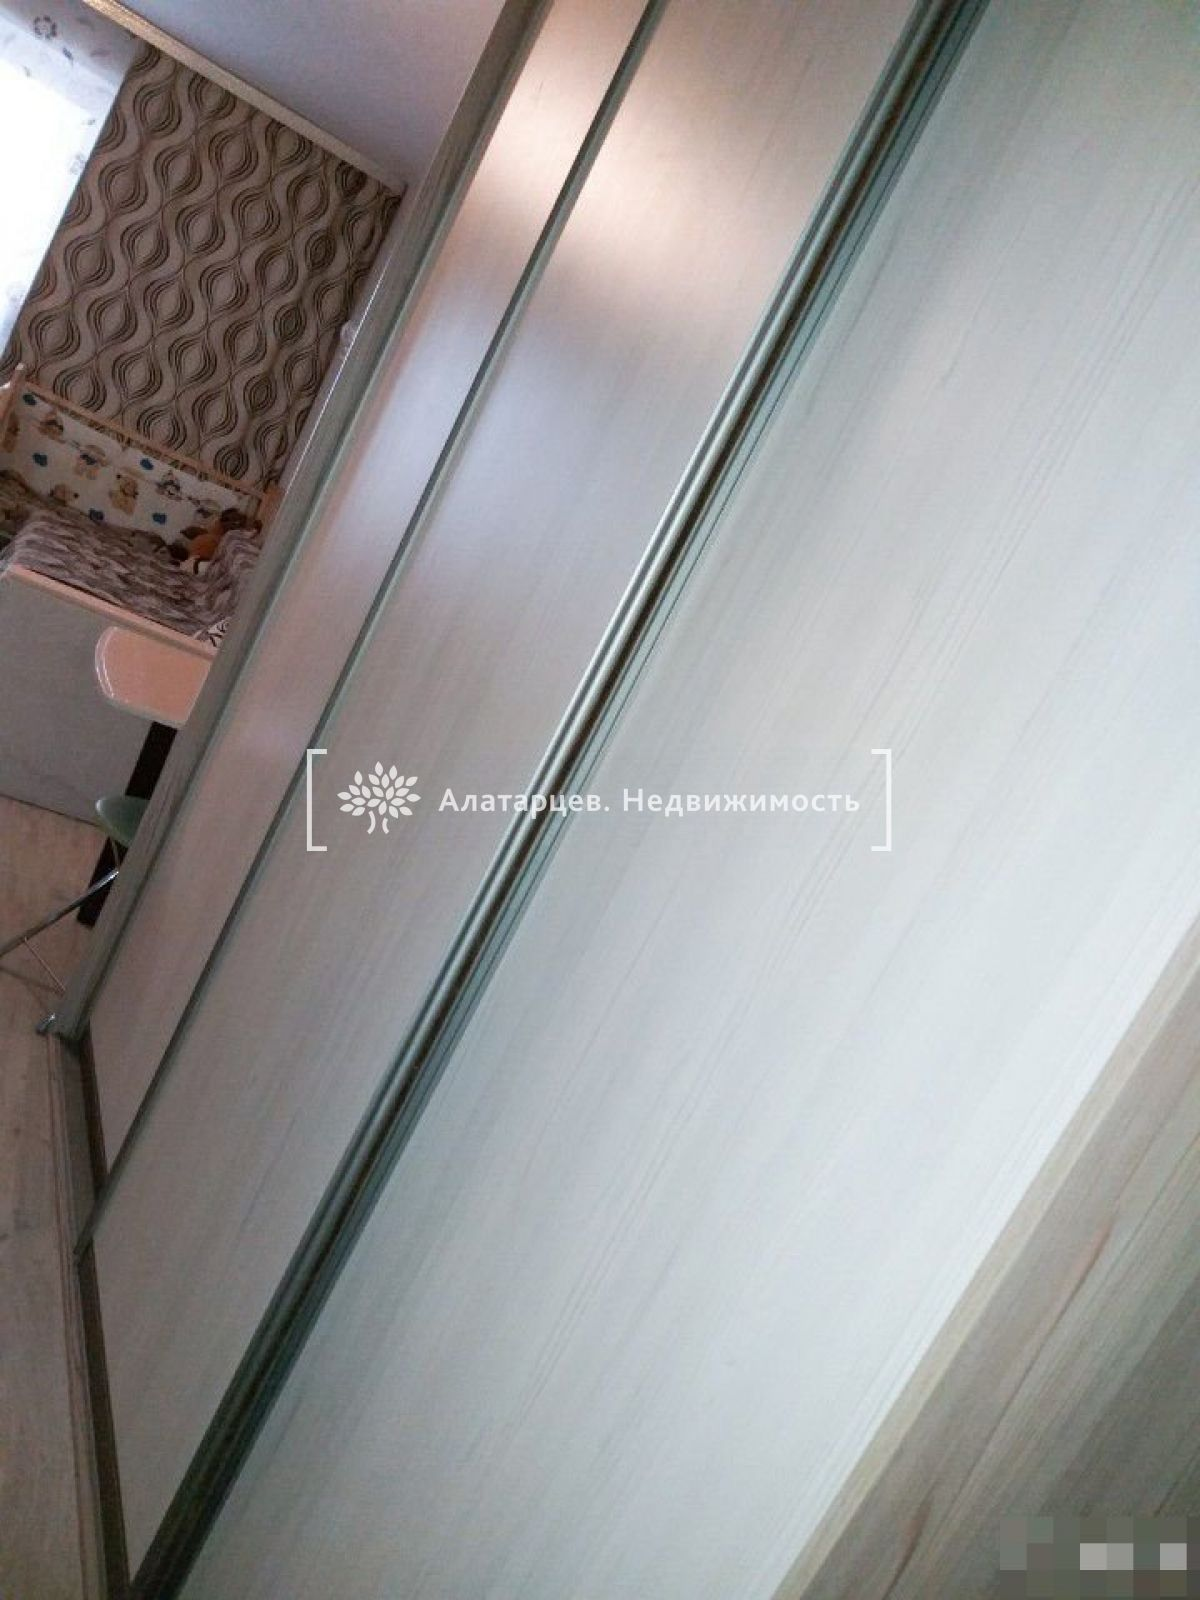 Квартира на продажу по адресу Россия, Томская область, Томский р-н, Зональная Станция, Виталия Грачёва ул, 1